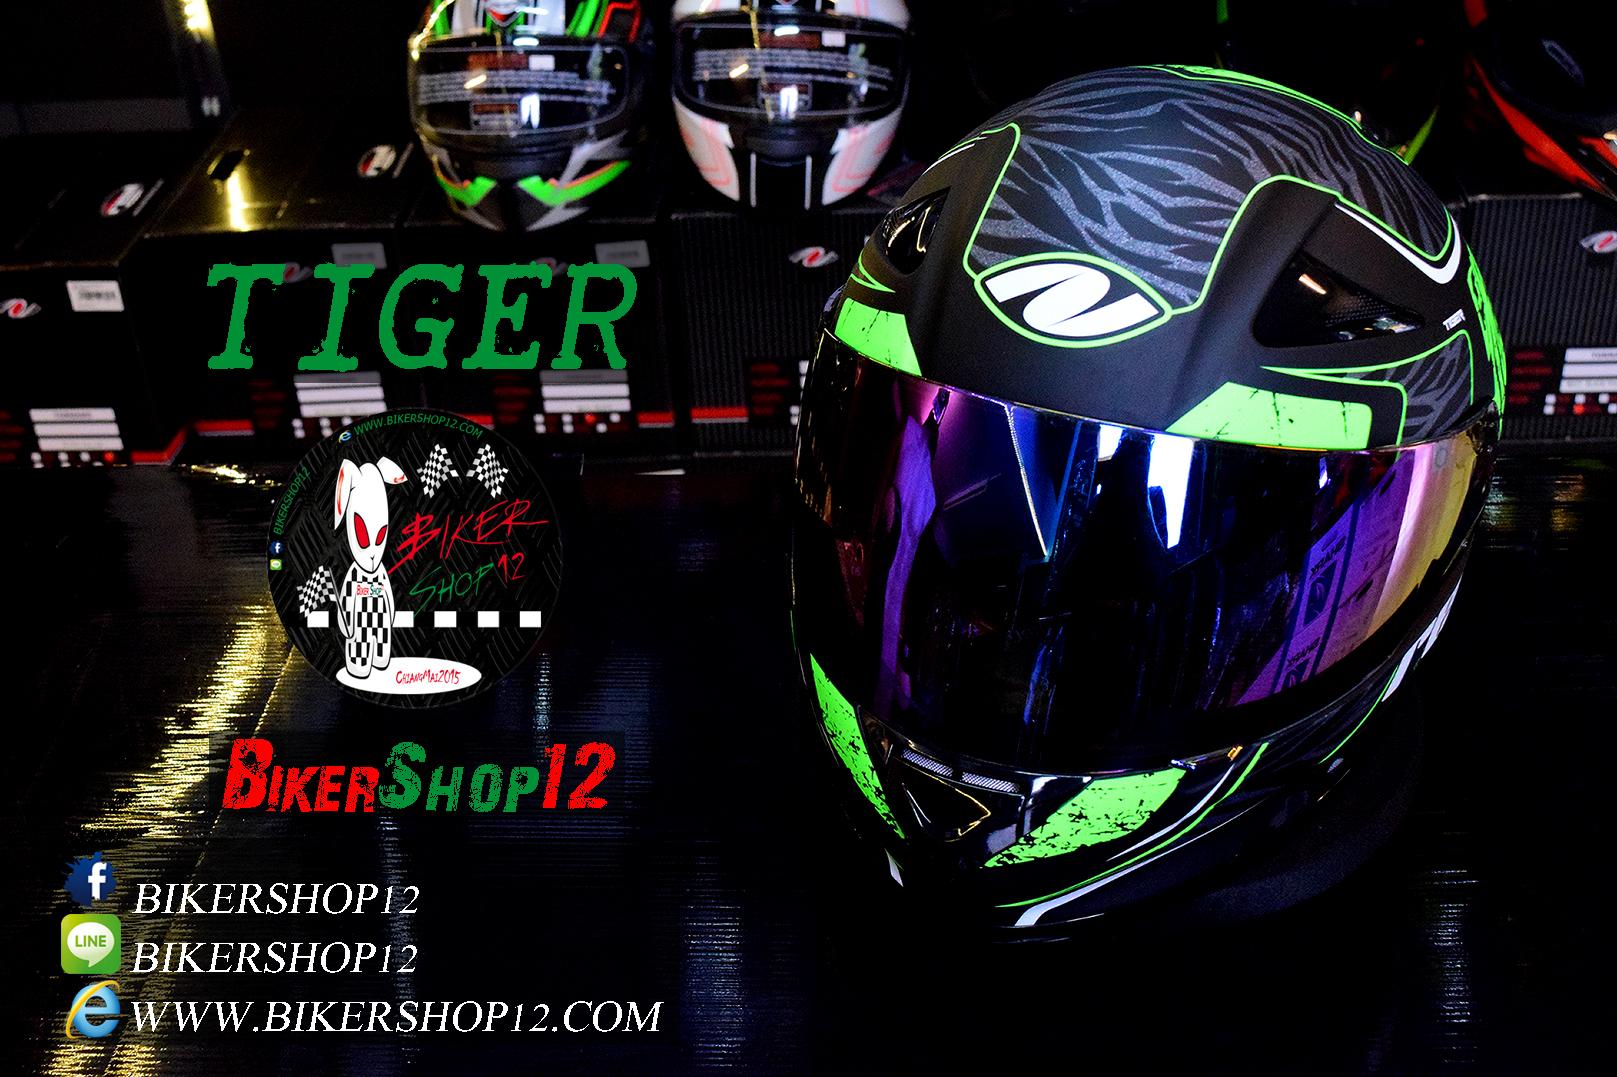 หมวกกันน็อคReal Hornet-Tiger สีดำด้าน-เขียว